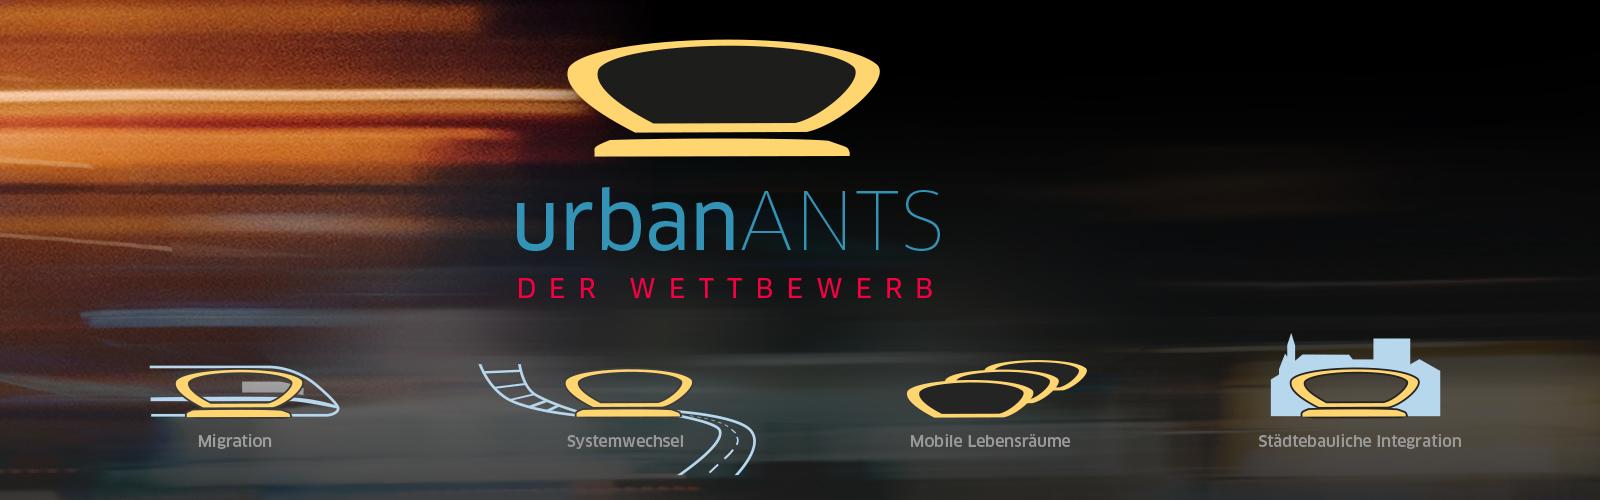 Braunwagner Design Consulting und Services Siemens urban ants Wettbewerb 2018